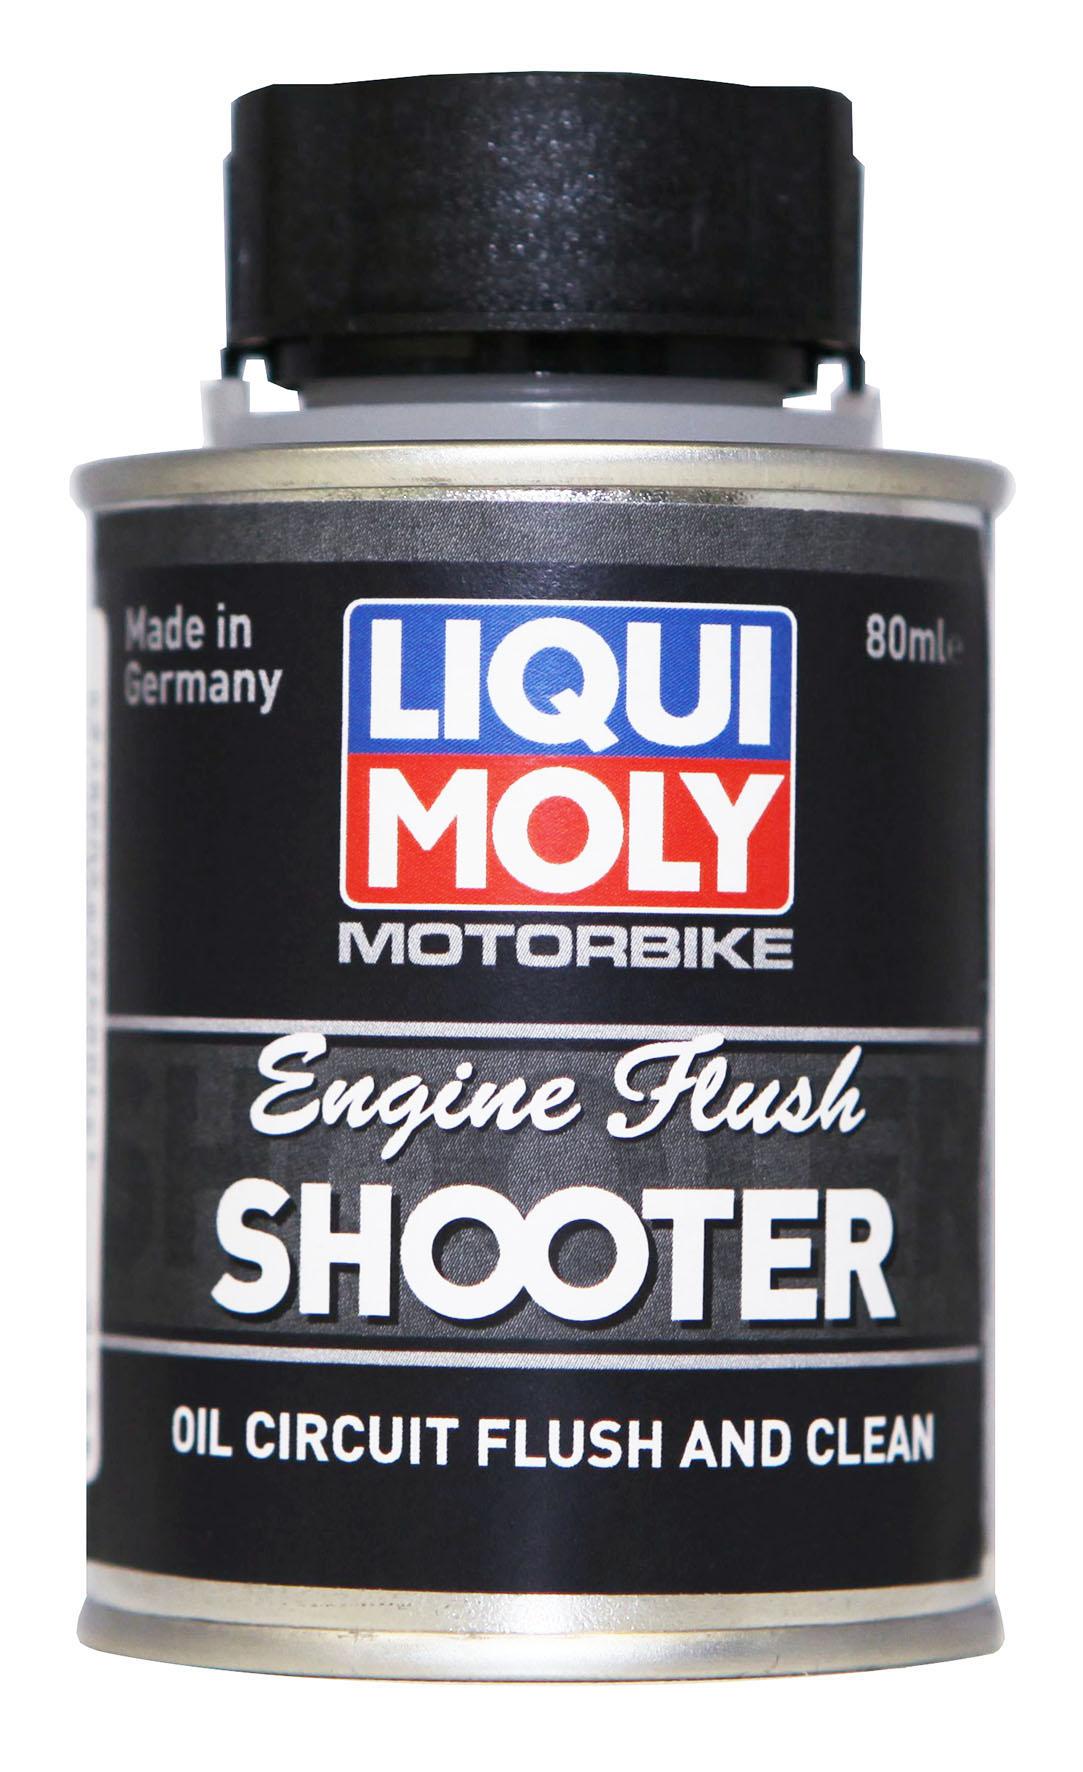 Промывка масляной системы двигателя Motorbike Engine Flush Shooter